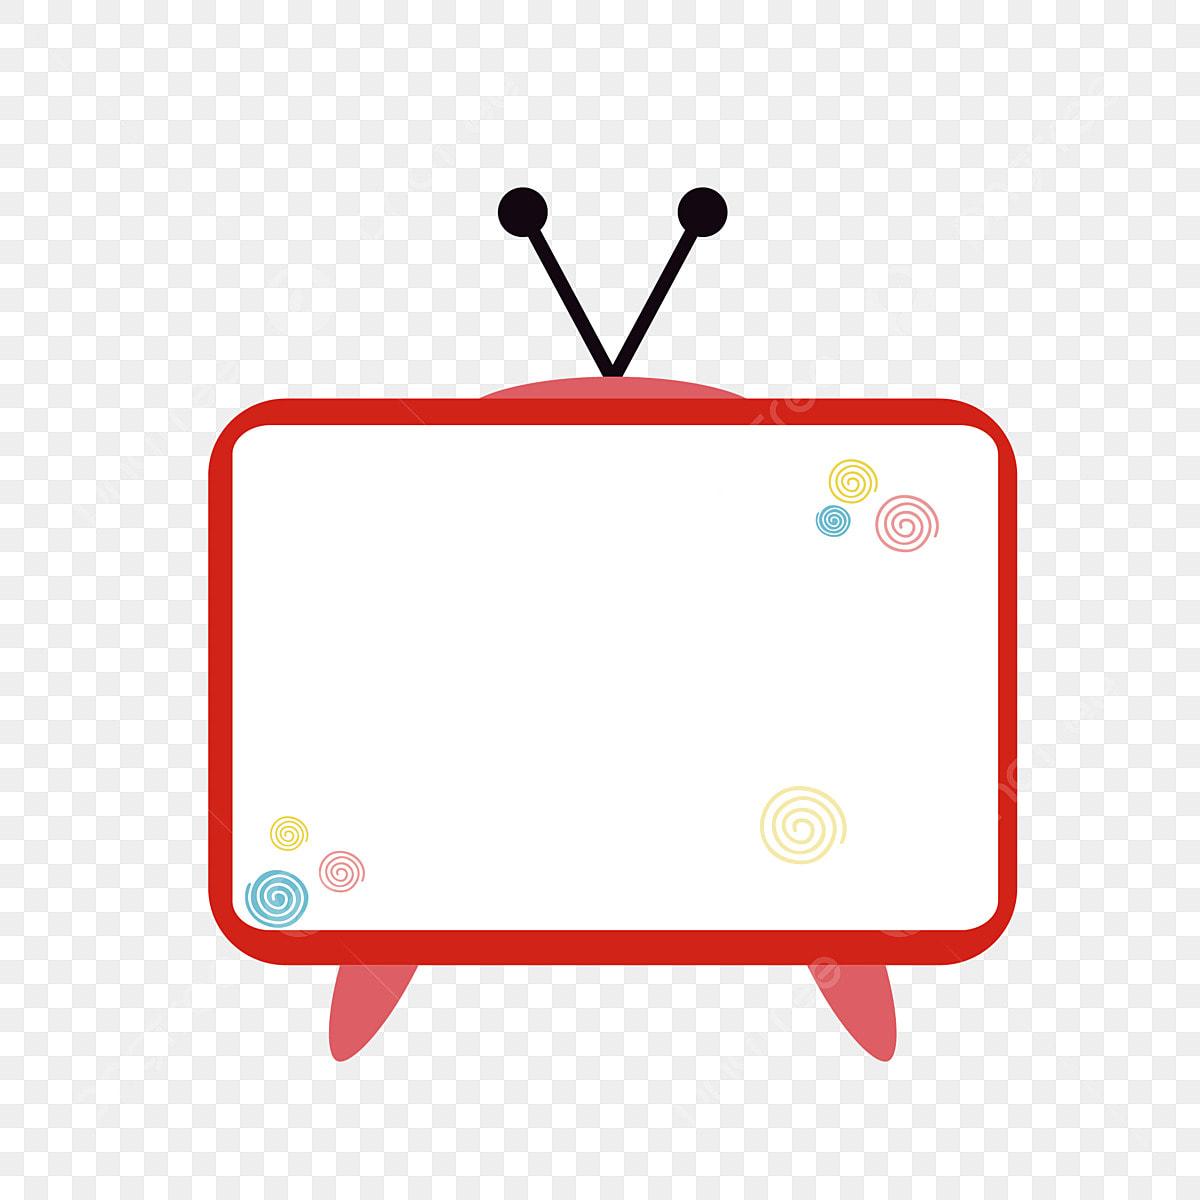 لطيف تلفزيون مربع حوار مزخرف مربع حوار أحمر جذاب تلفزيون حوار زخرفي Png والمتجهات للتحميل مجانا